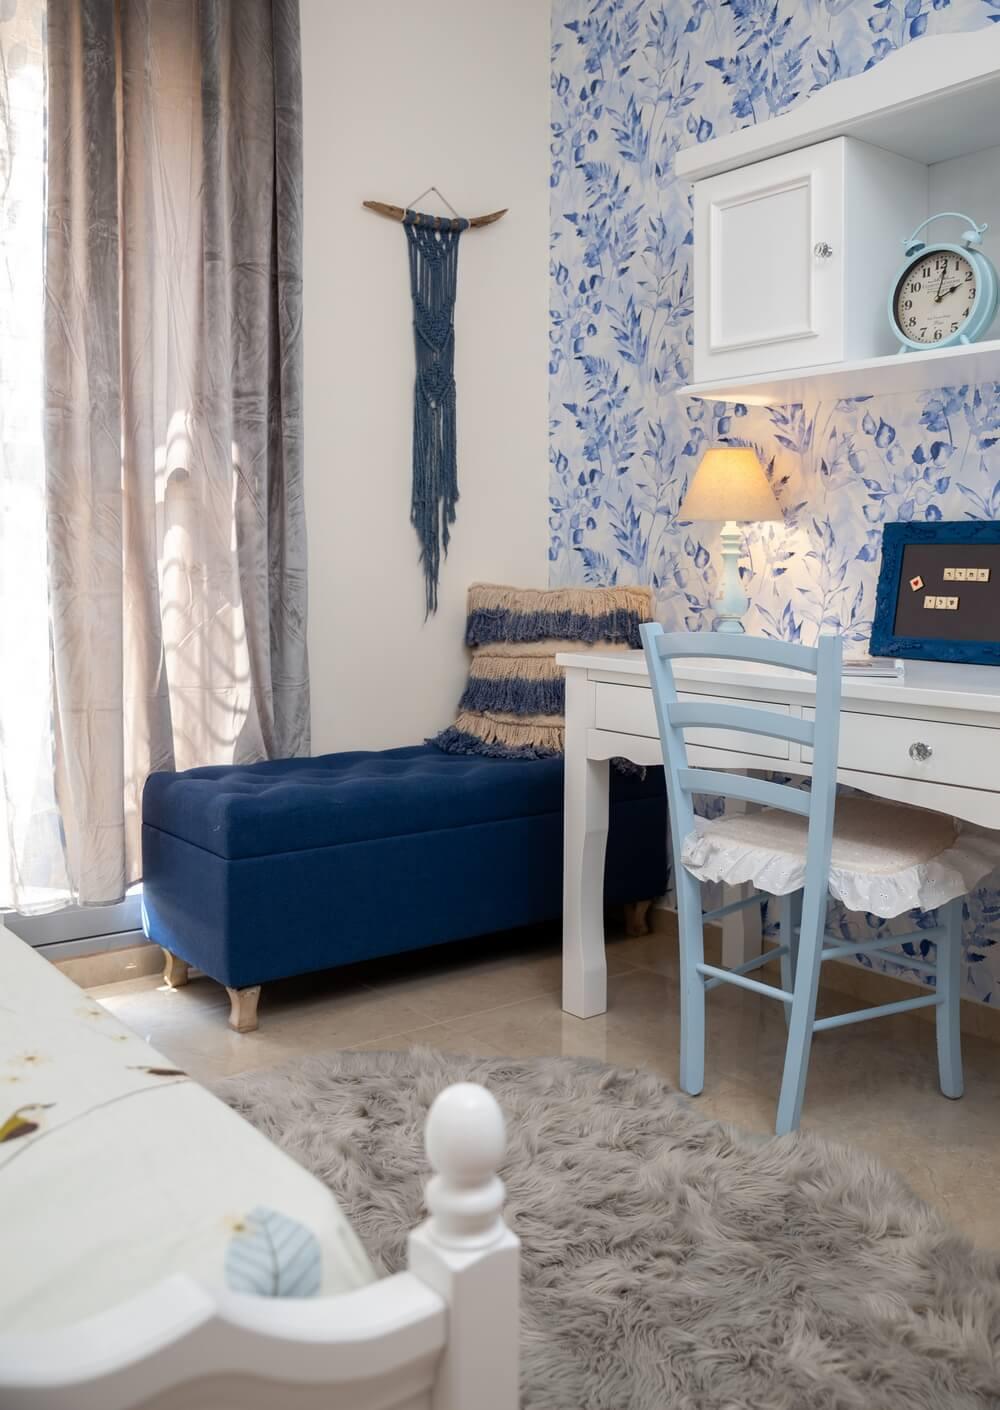 חדר מעוצב לילדה בצבעי כחול לבן